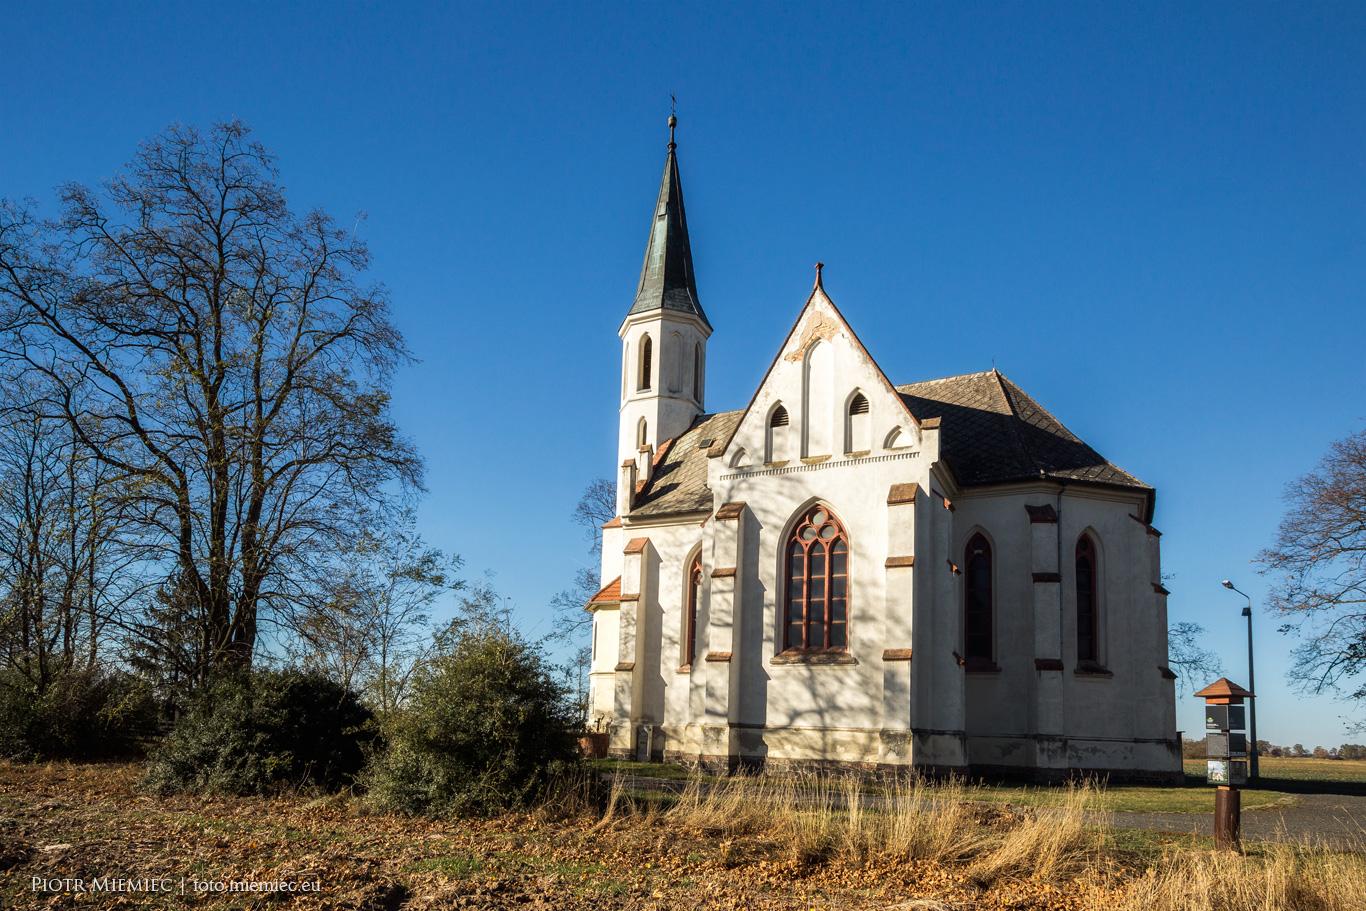 Kościół Znalezienia Krzyża Świętego i Matki Boskiej Częstochowskiej Kościół w polu